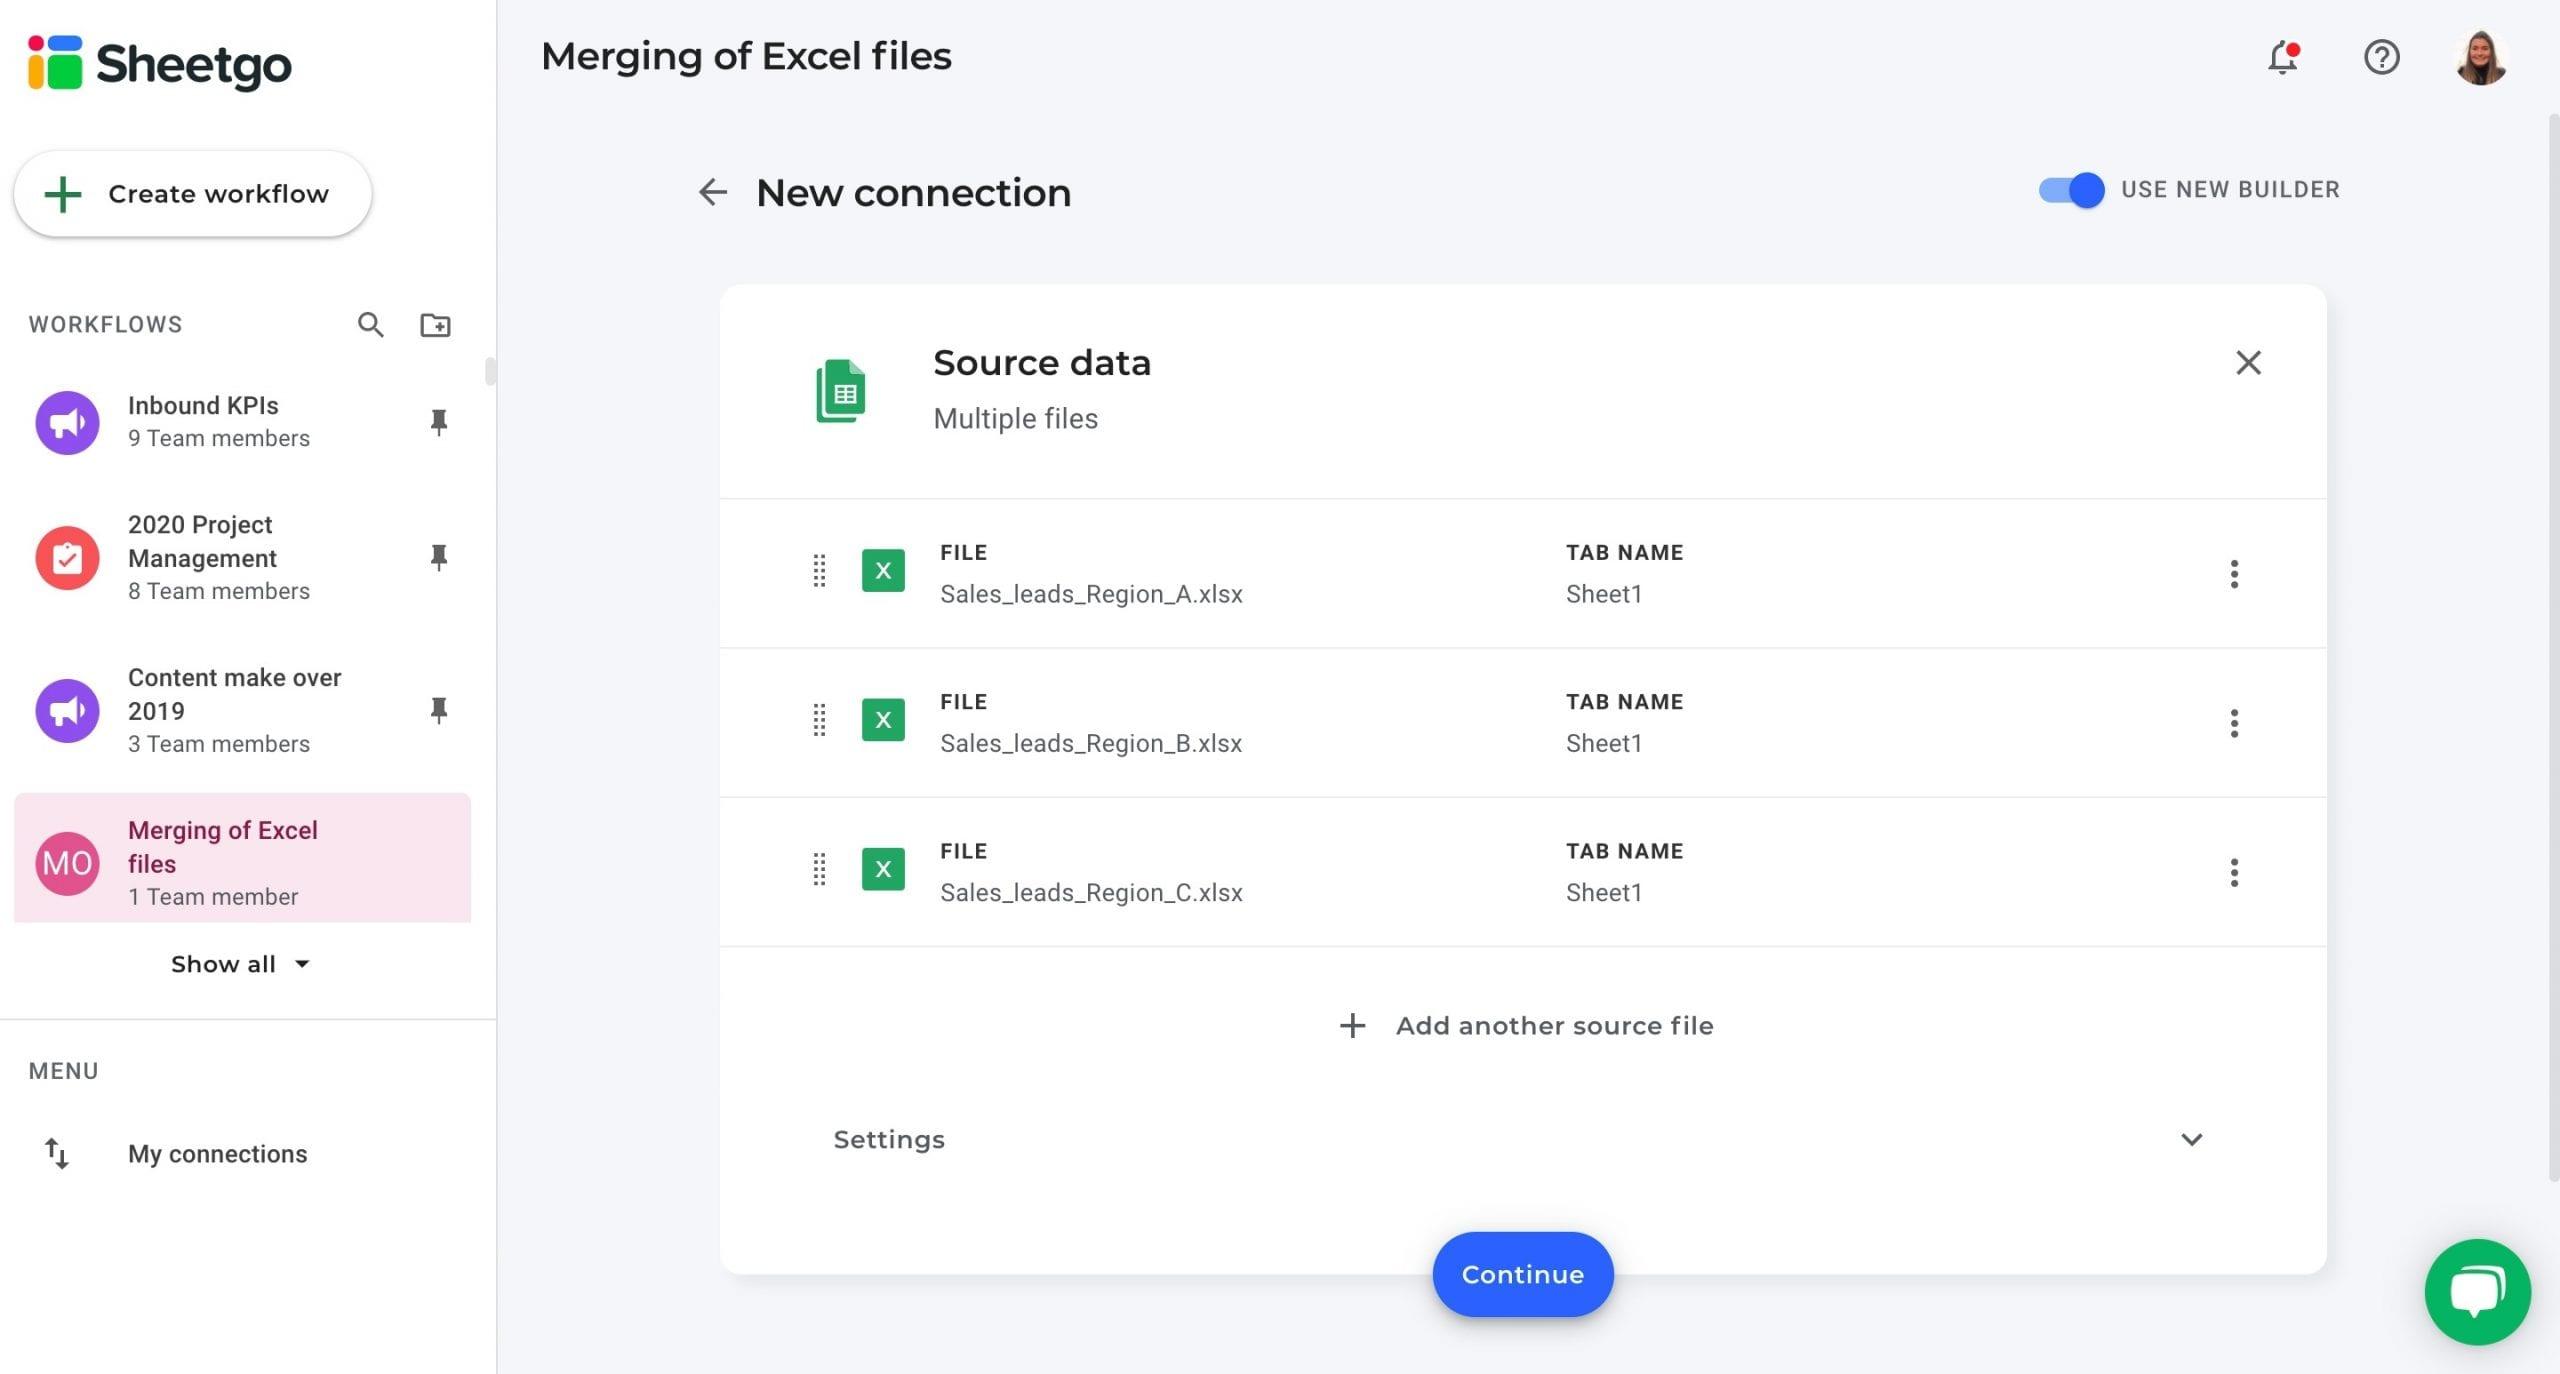 Merging of Excel files Sheetgo